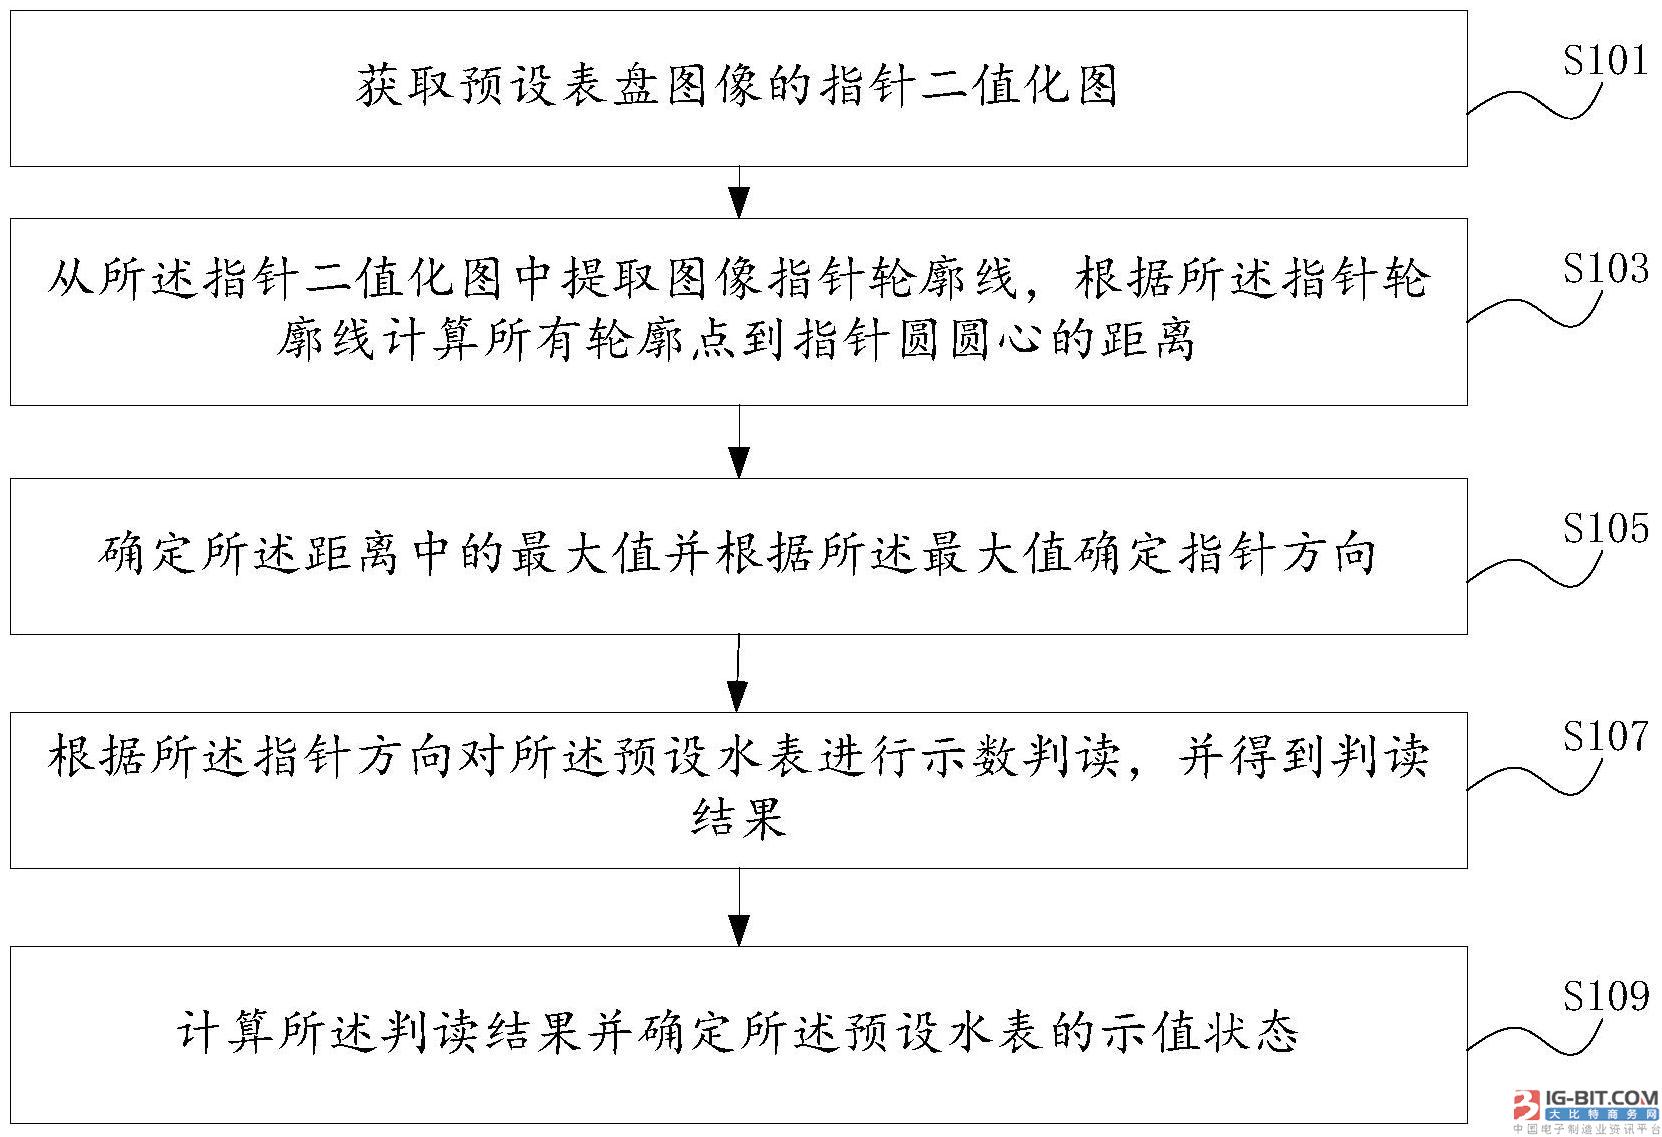 【仪表专利】基于图像处理的水表检定方法和装置